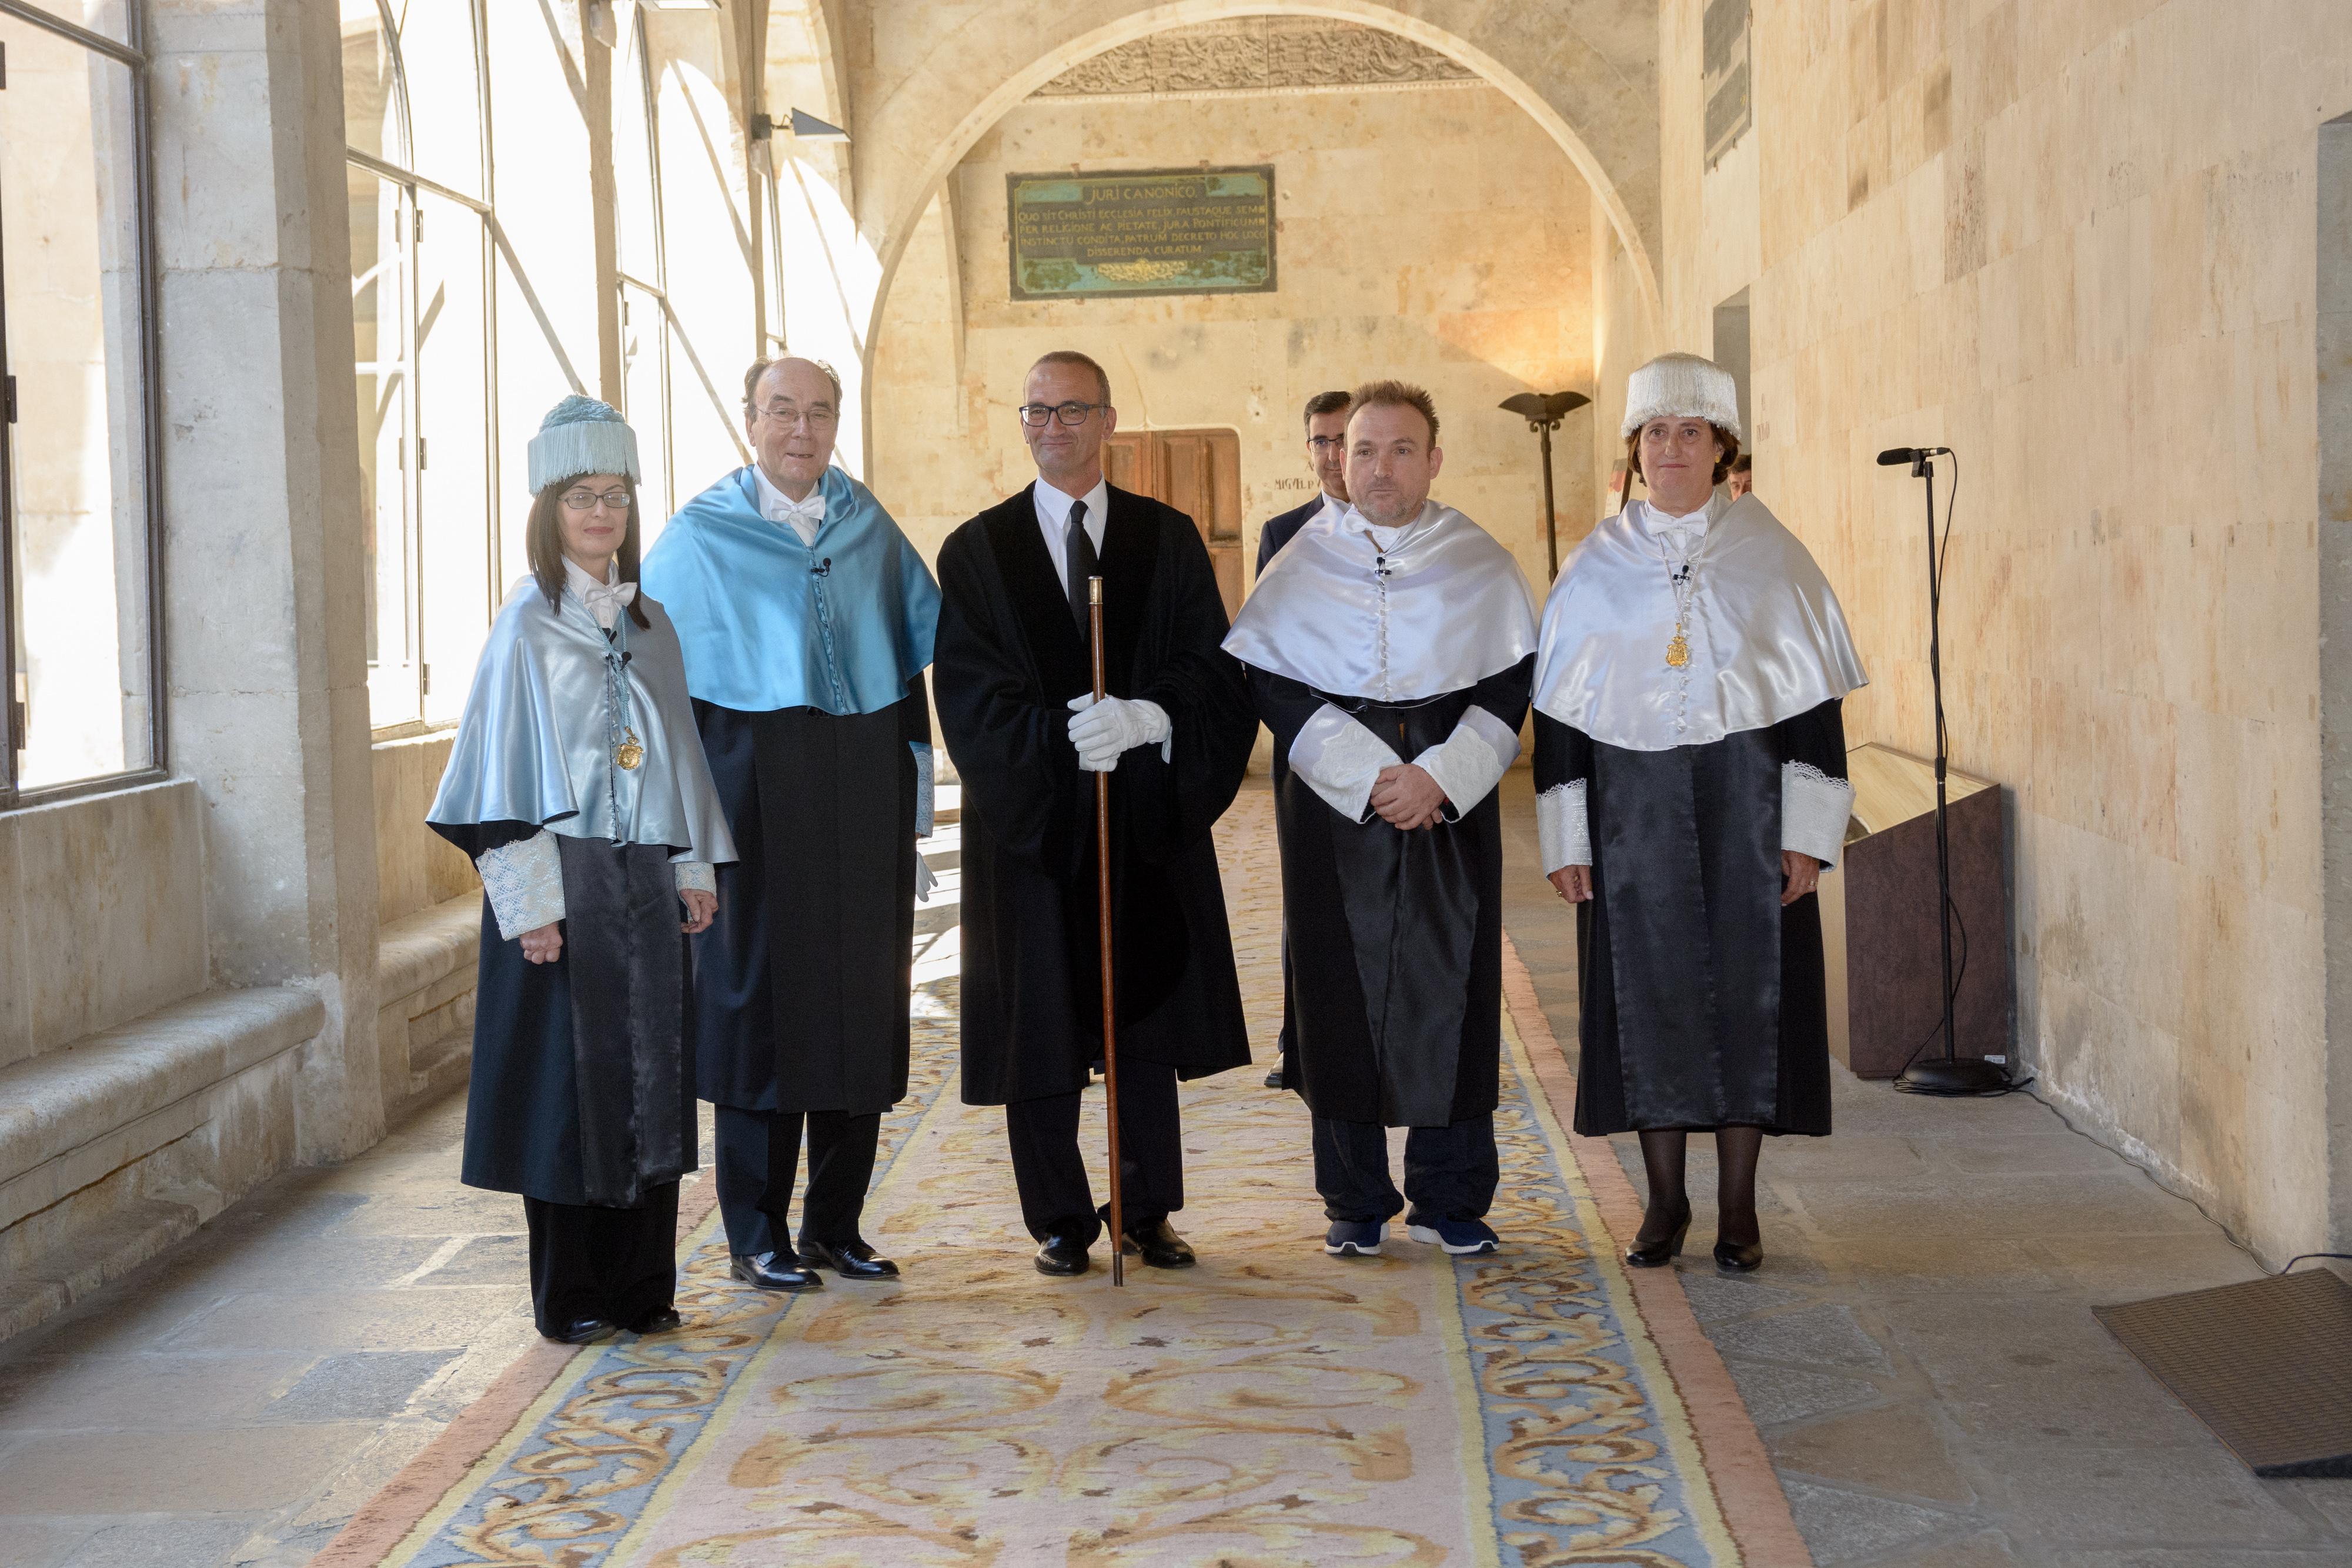 El rector considera el doctorado honoris causa a Miquel Barceló y Calvo Serraller como un homenaje de la Universidad de Salamanca al arte y a los artistas